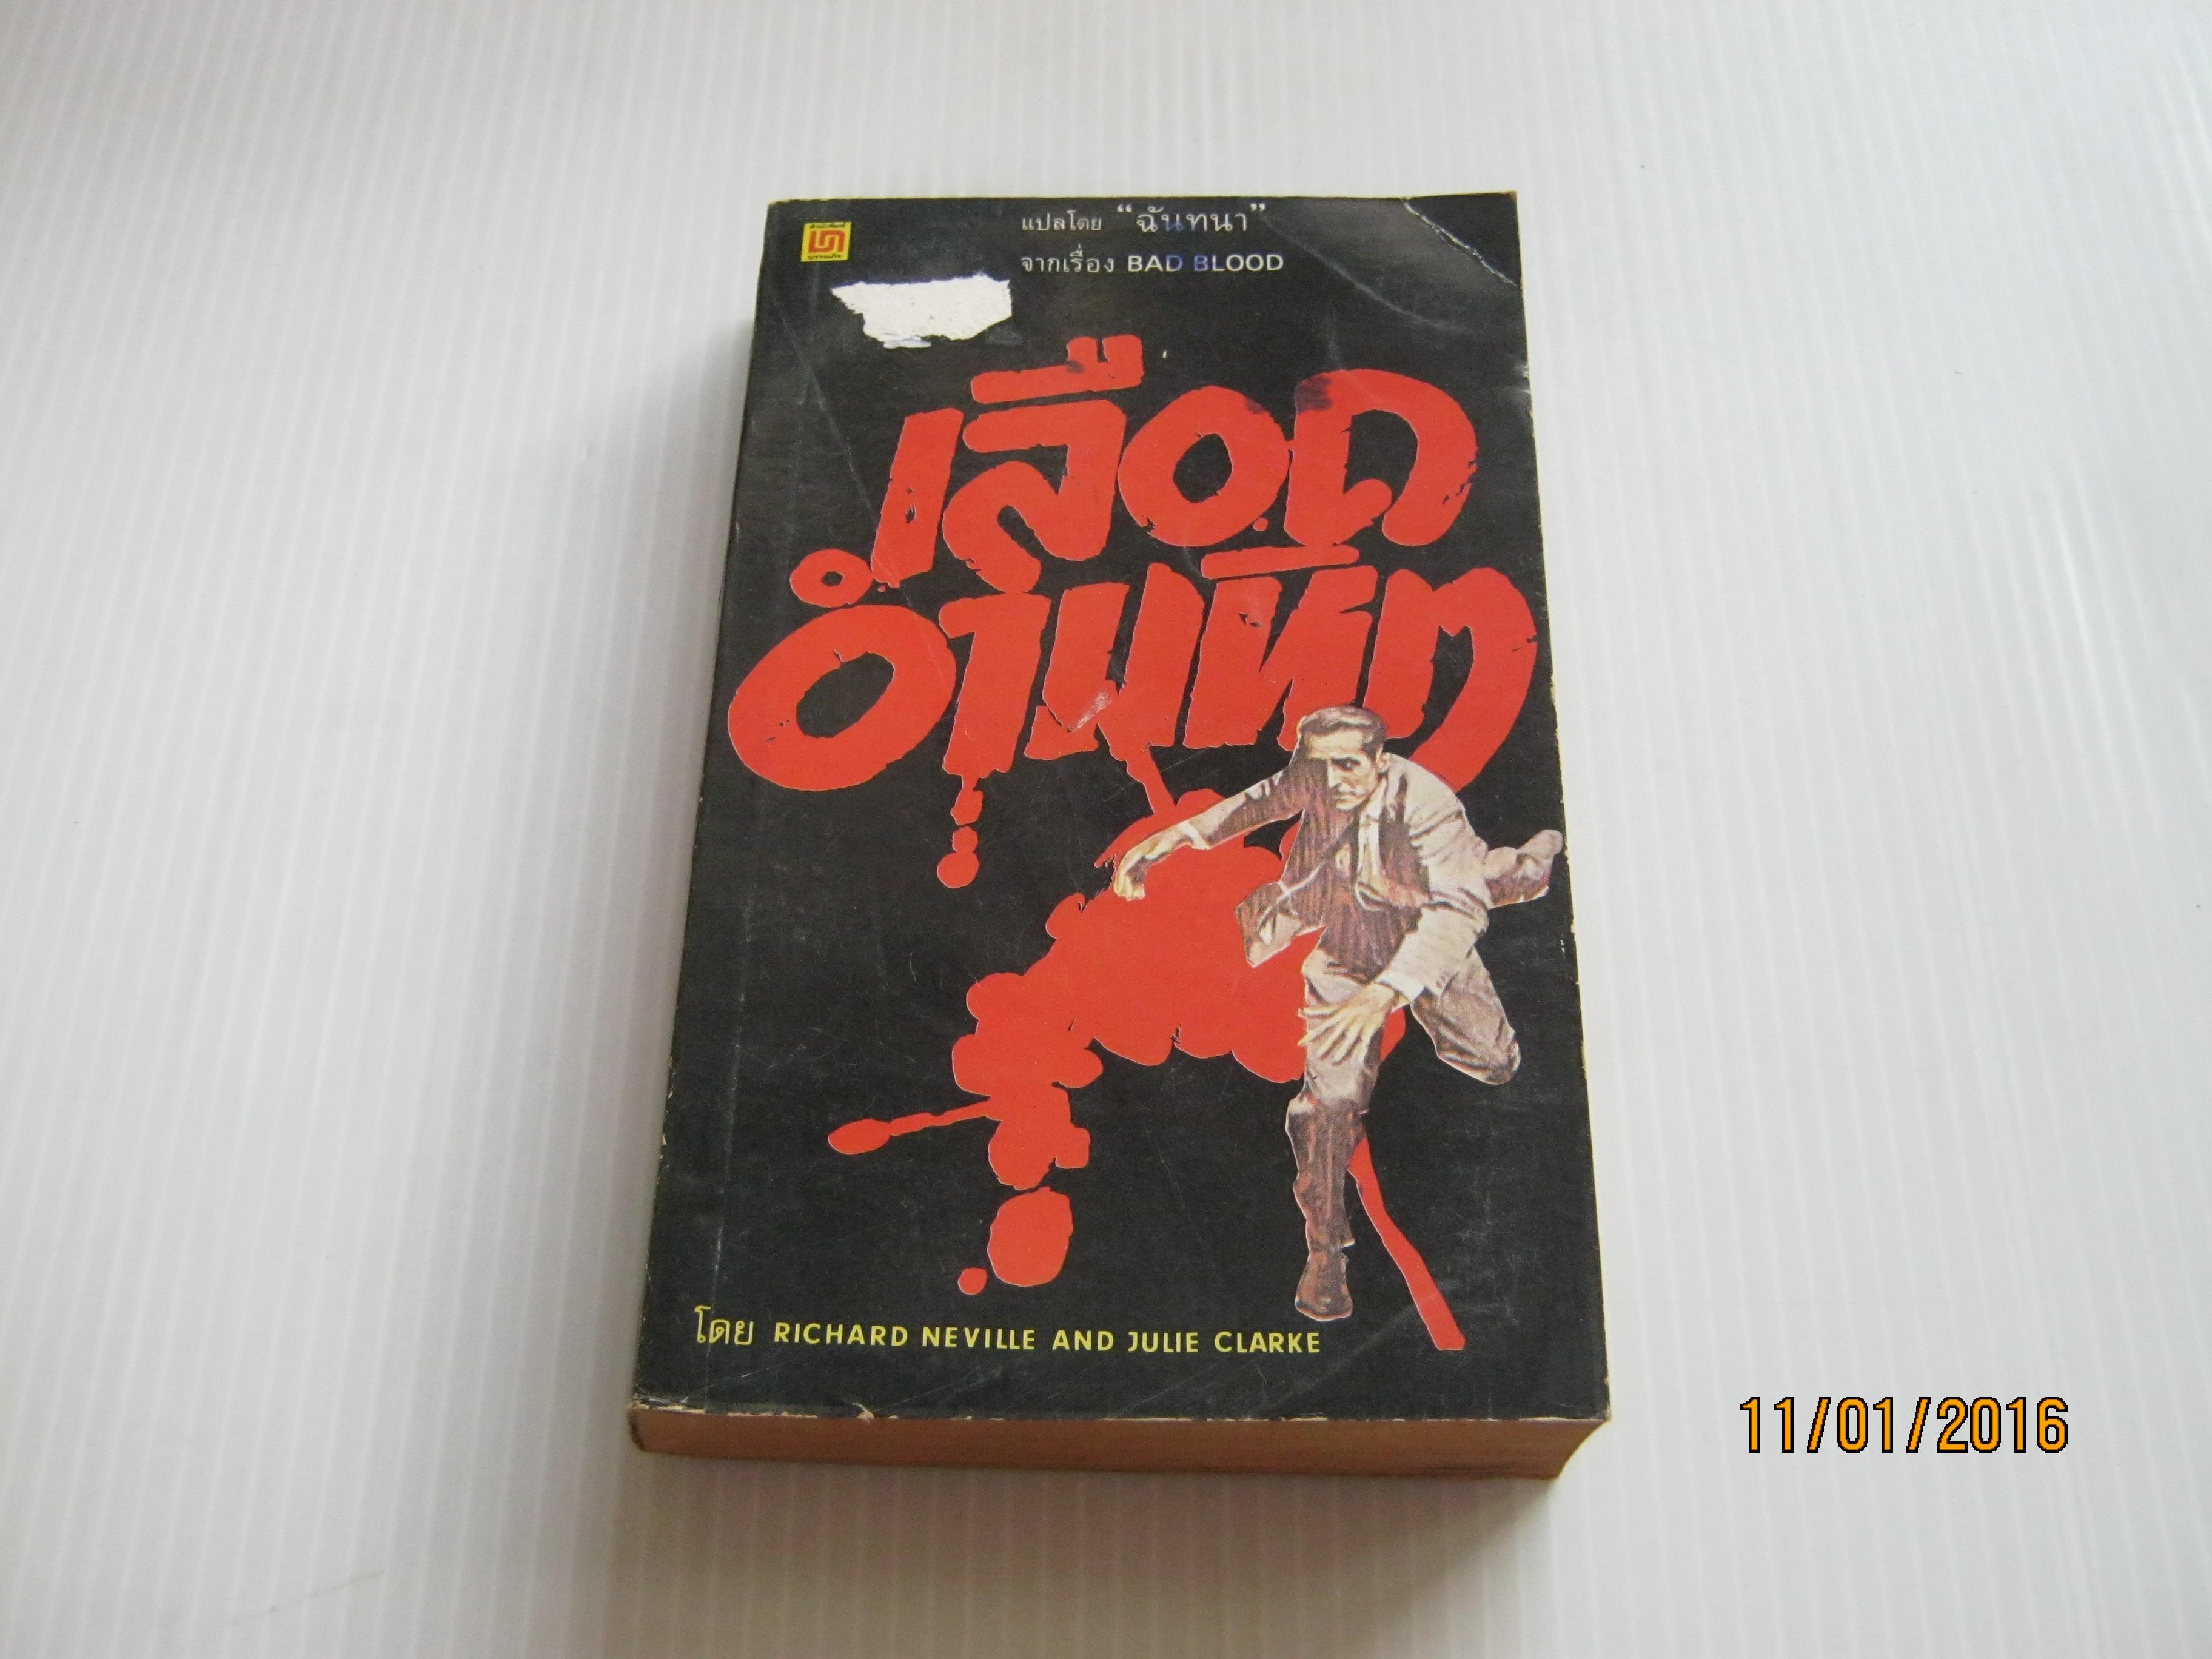 เลือดอำมหิต (Bad Blood) Richard Neville and Julie Clarke เขียน ฉันทนา